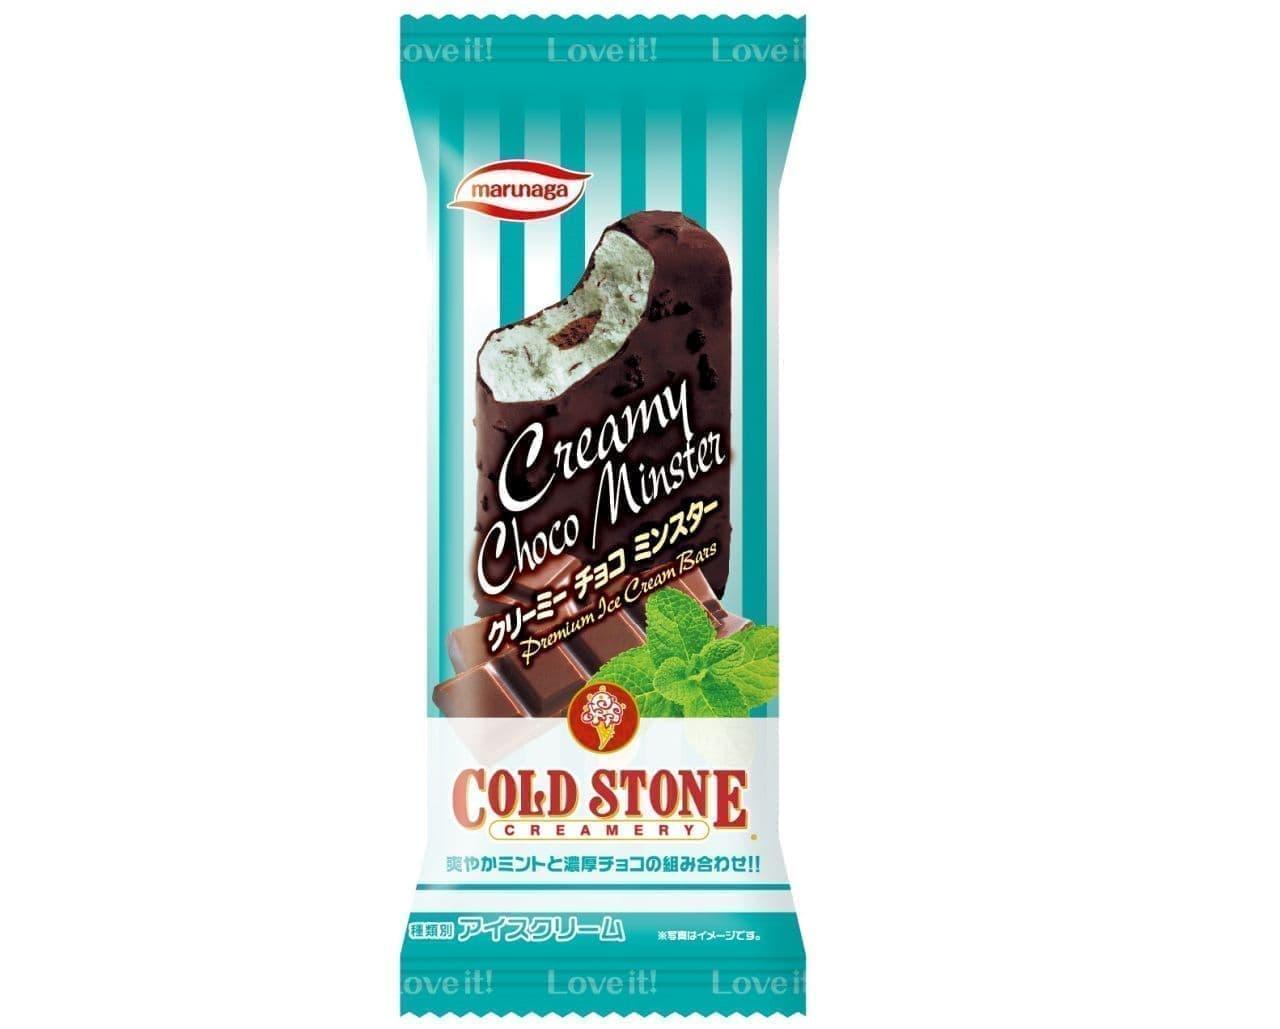 コールドストーン「クリーミーチョコミンスター」